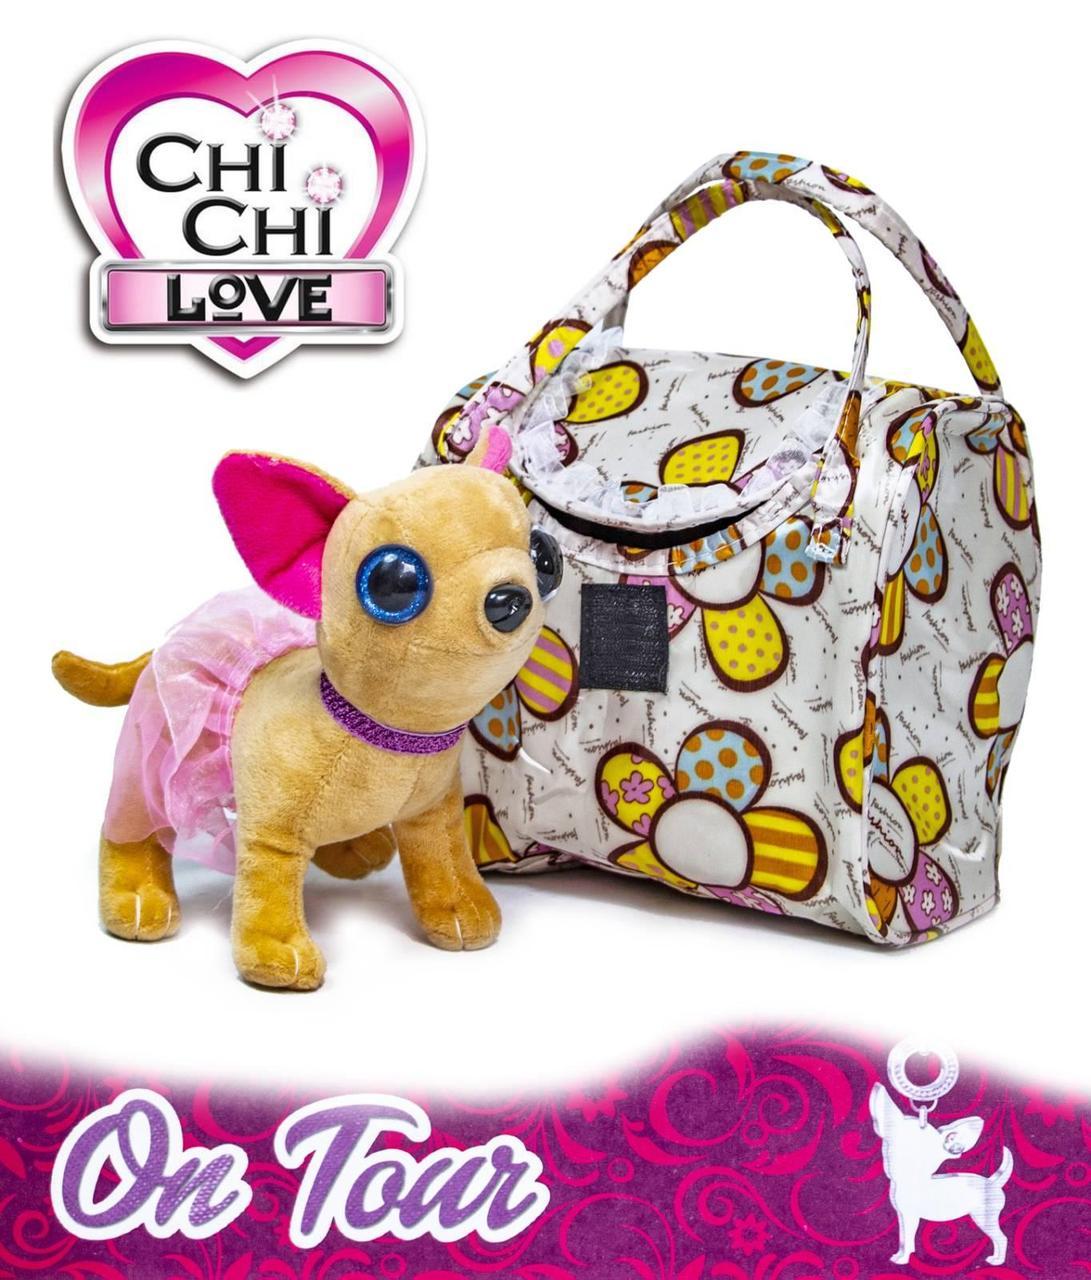 Мягкая игрушка собачка Ки Ки Чихуахуа в сумочке с одеждой